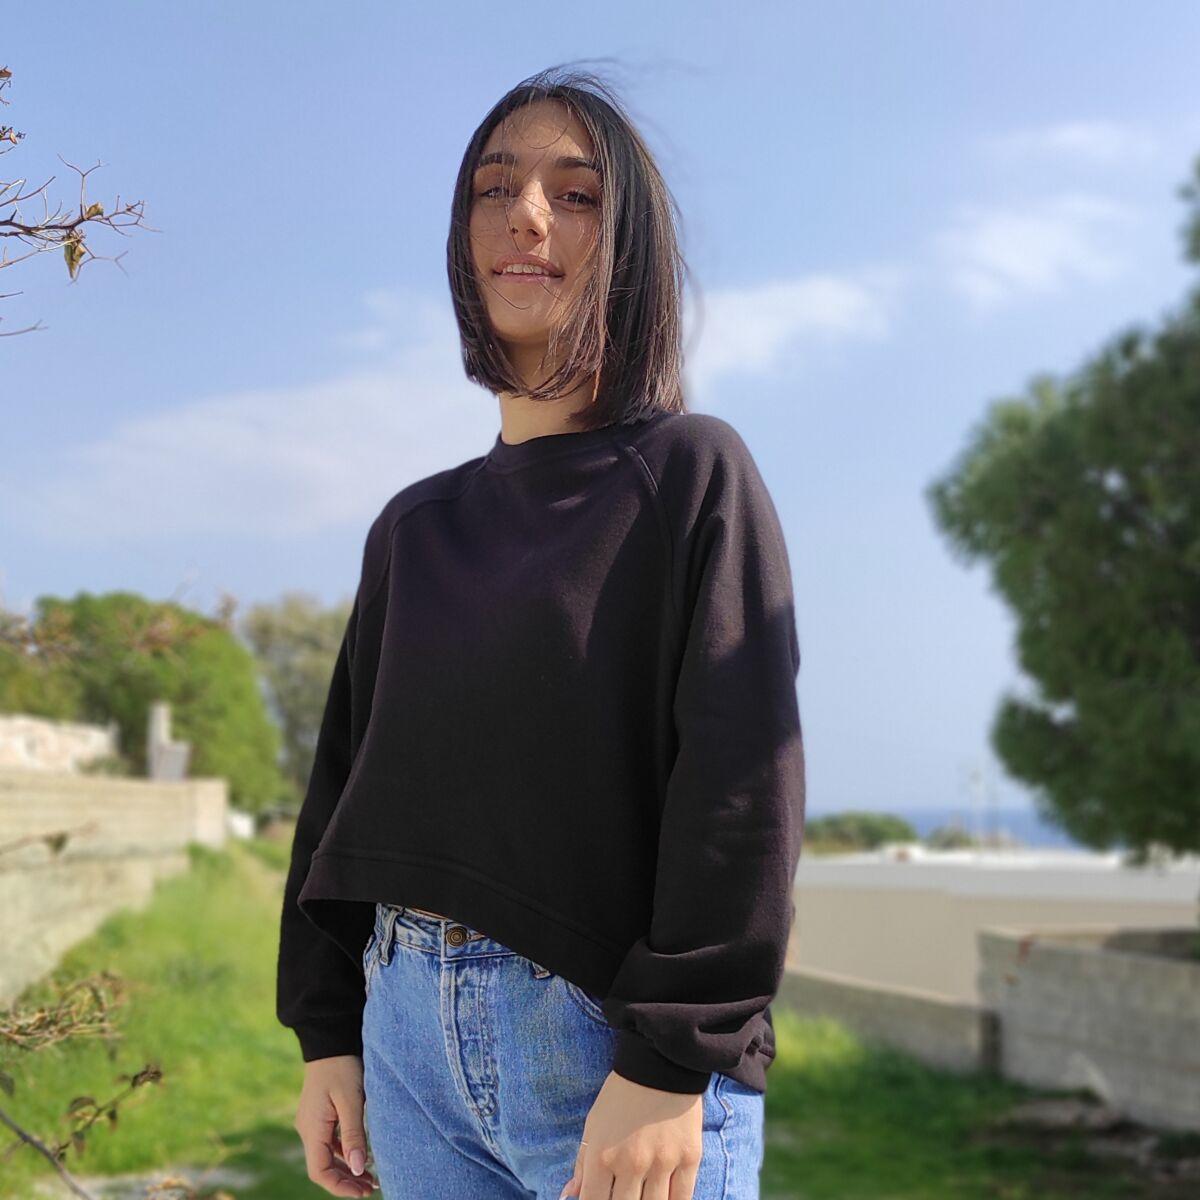 Φούτερ μαύρο Μπλούζες Ρούχα αξεσουάρ